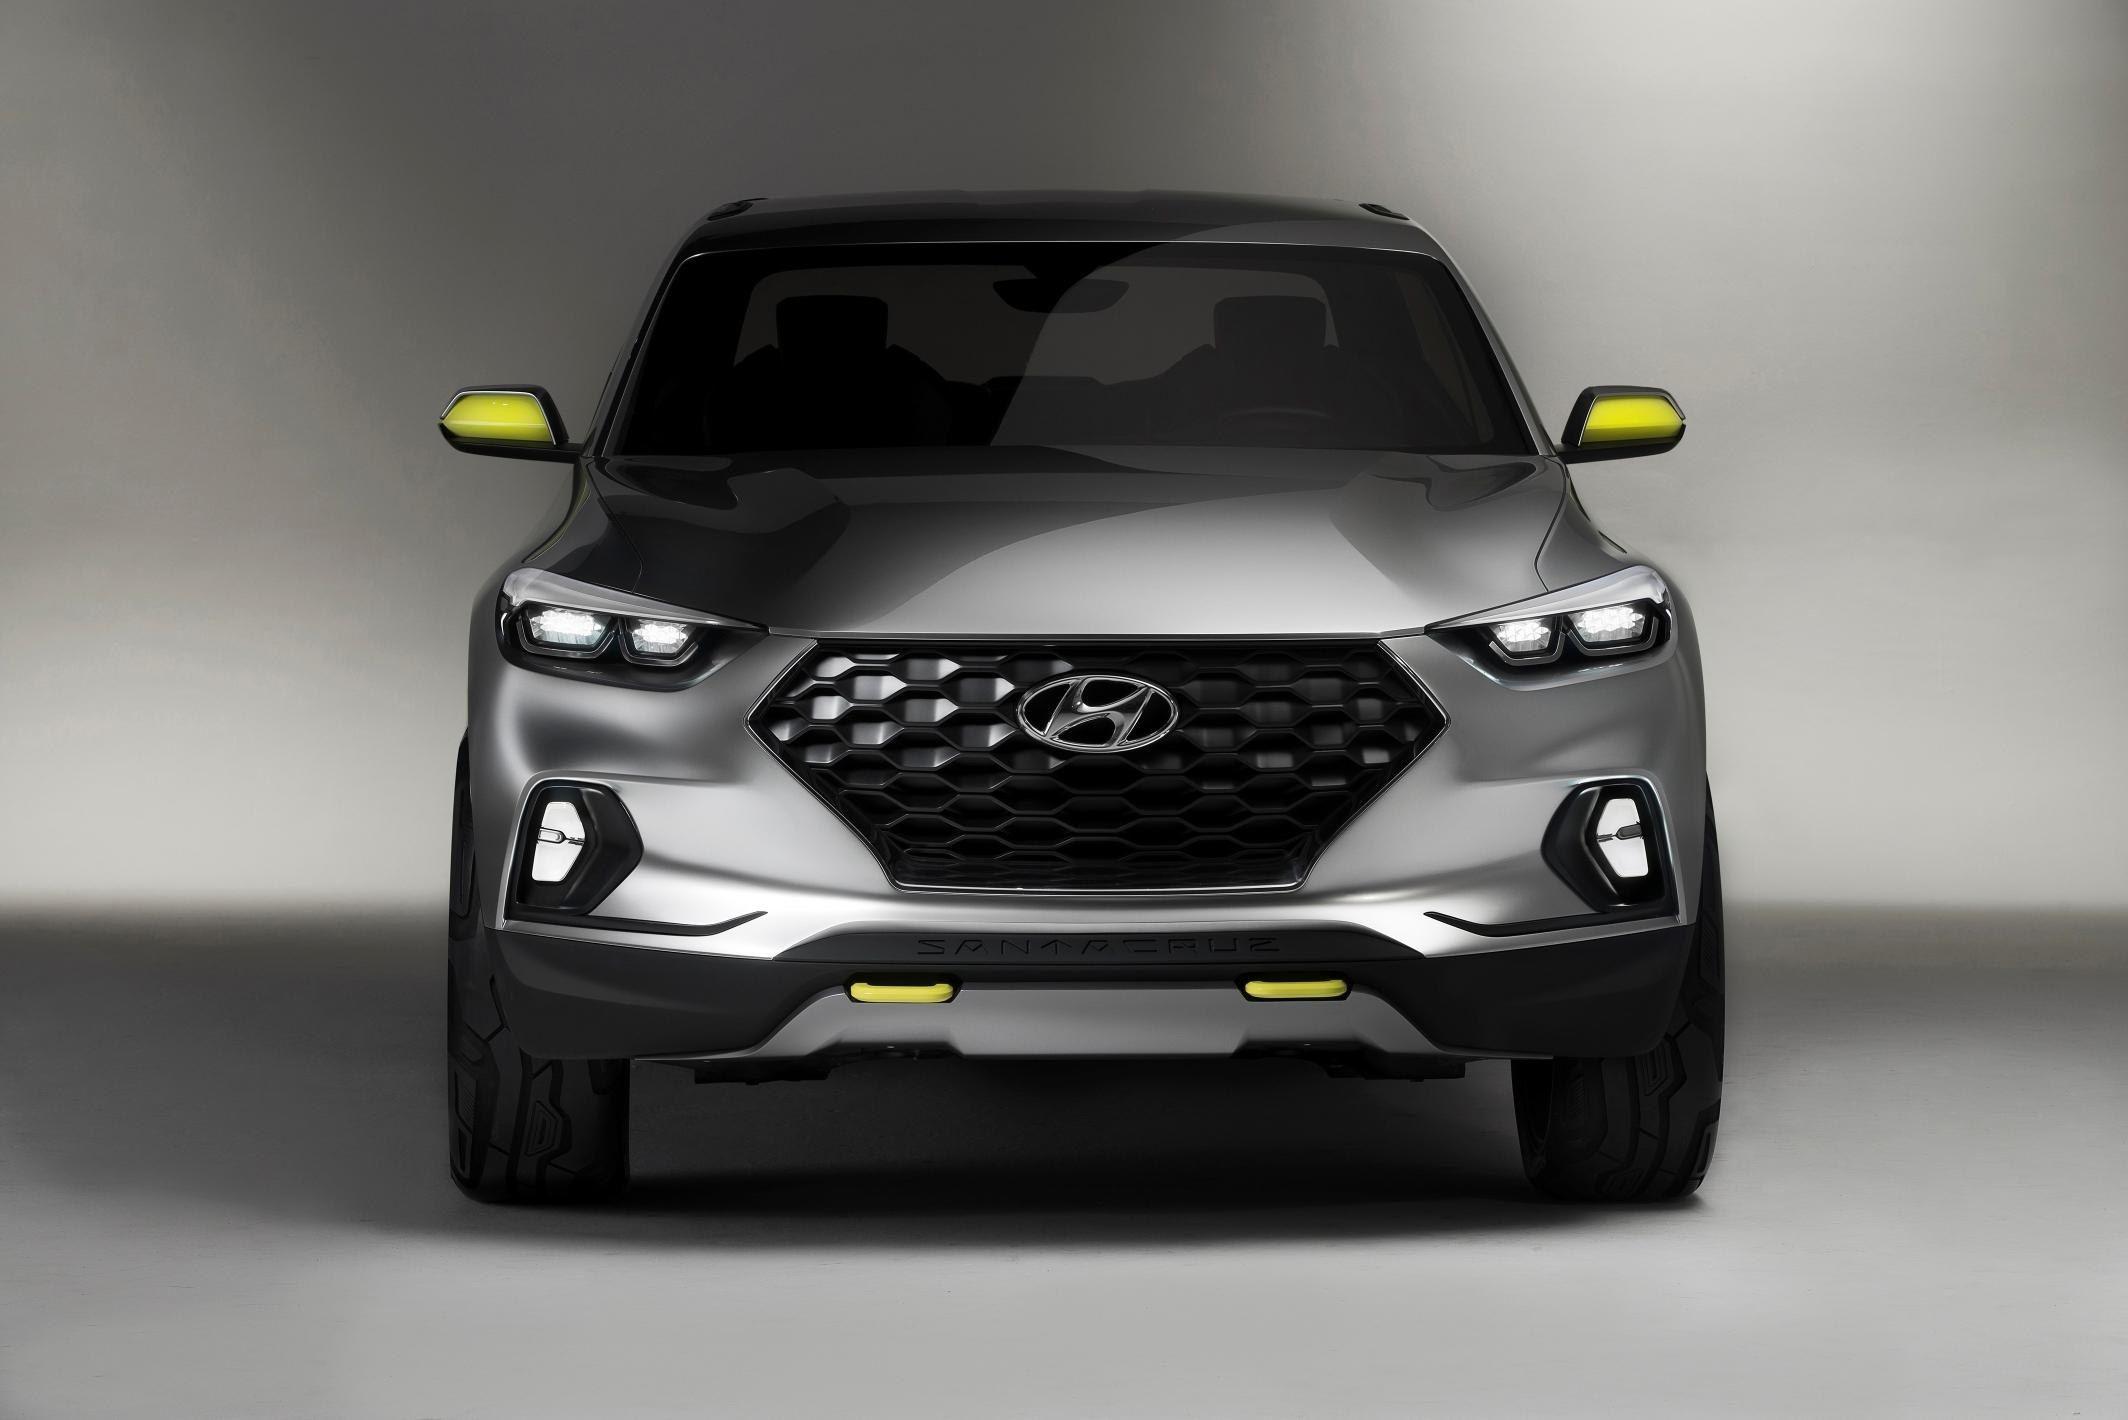 When Will The Hyundai Truck 2020 Come Out Hyundai Tucson Hyundai Cars New Hyundai